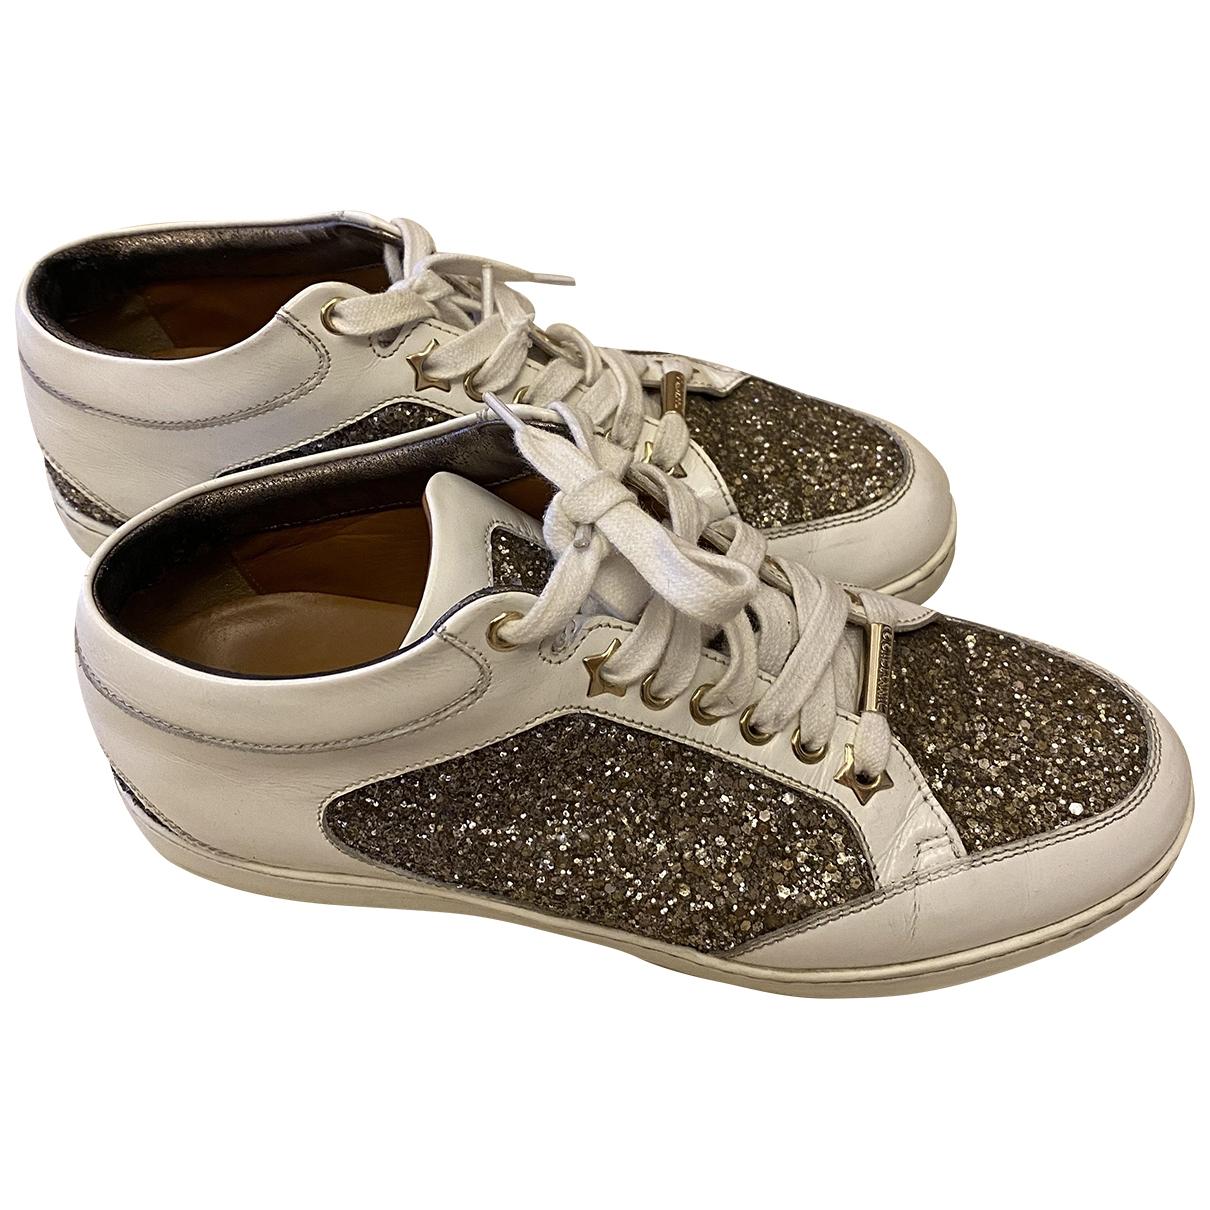 Jimmy Choo \N Sneakers in  Weiss Mit Pailletten